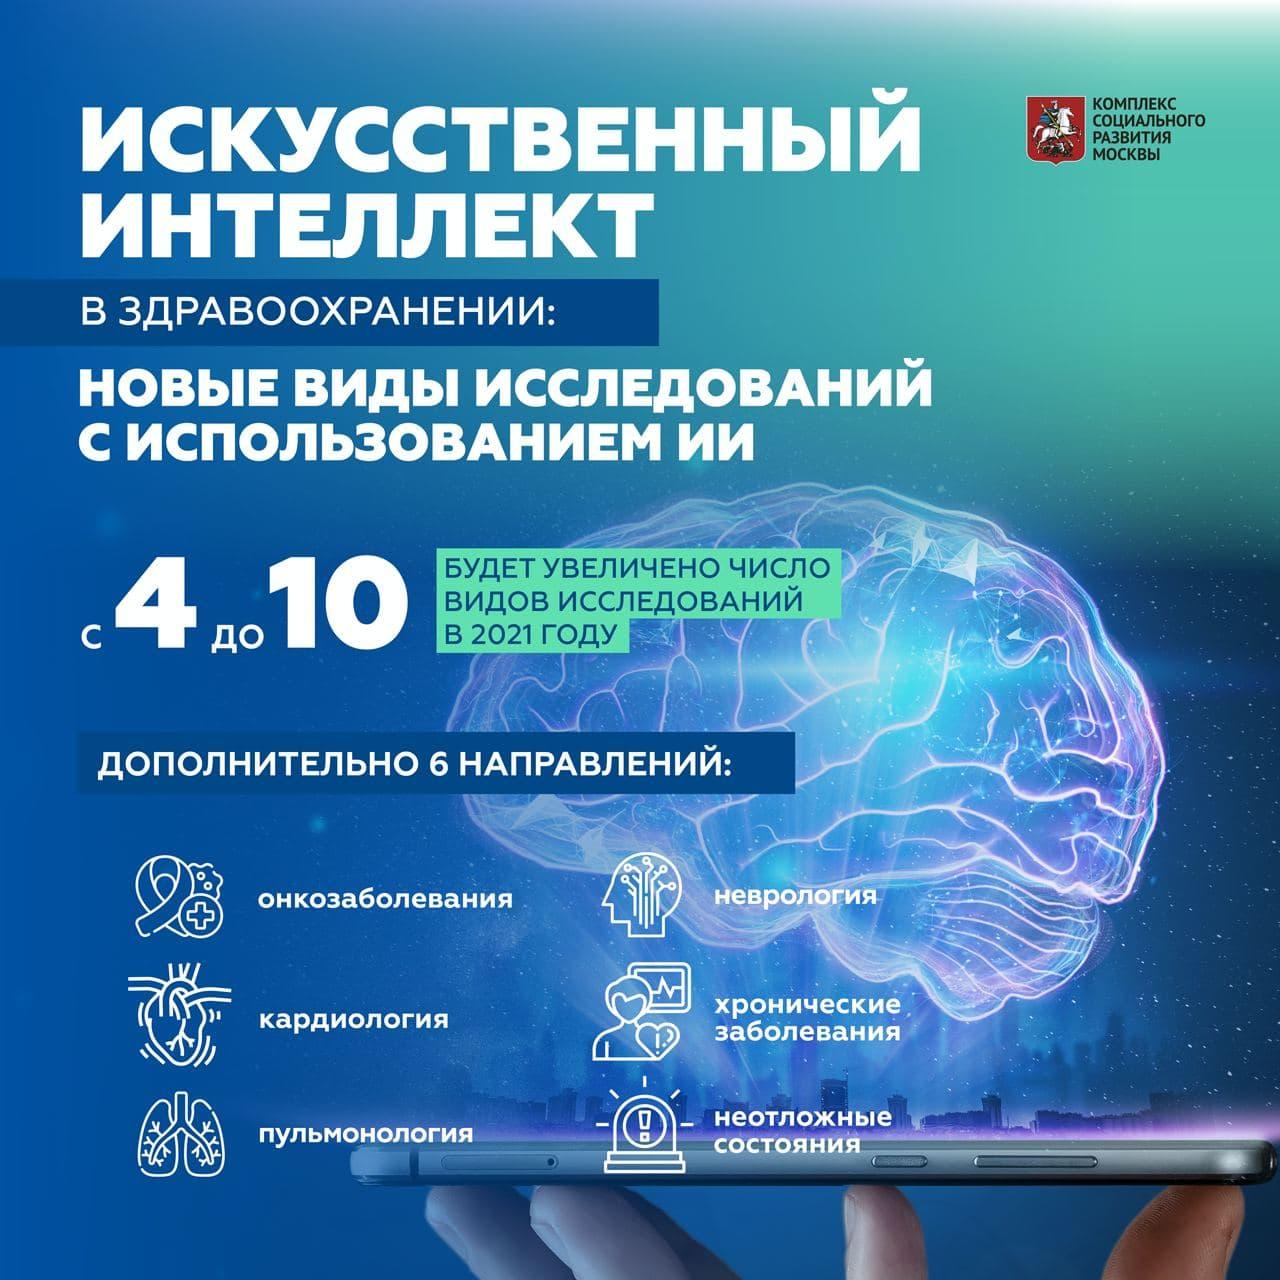 Власти Москвы решили расширить до 10 число медицинских применений ИИ